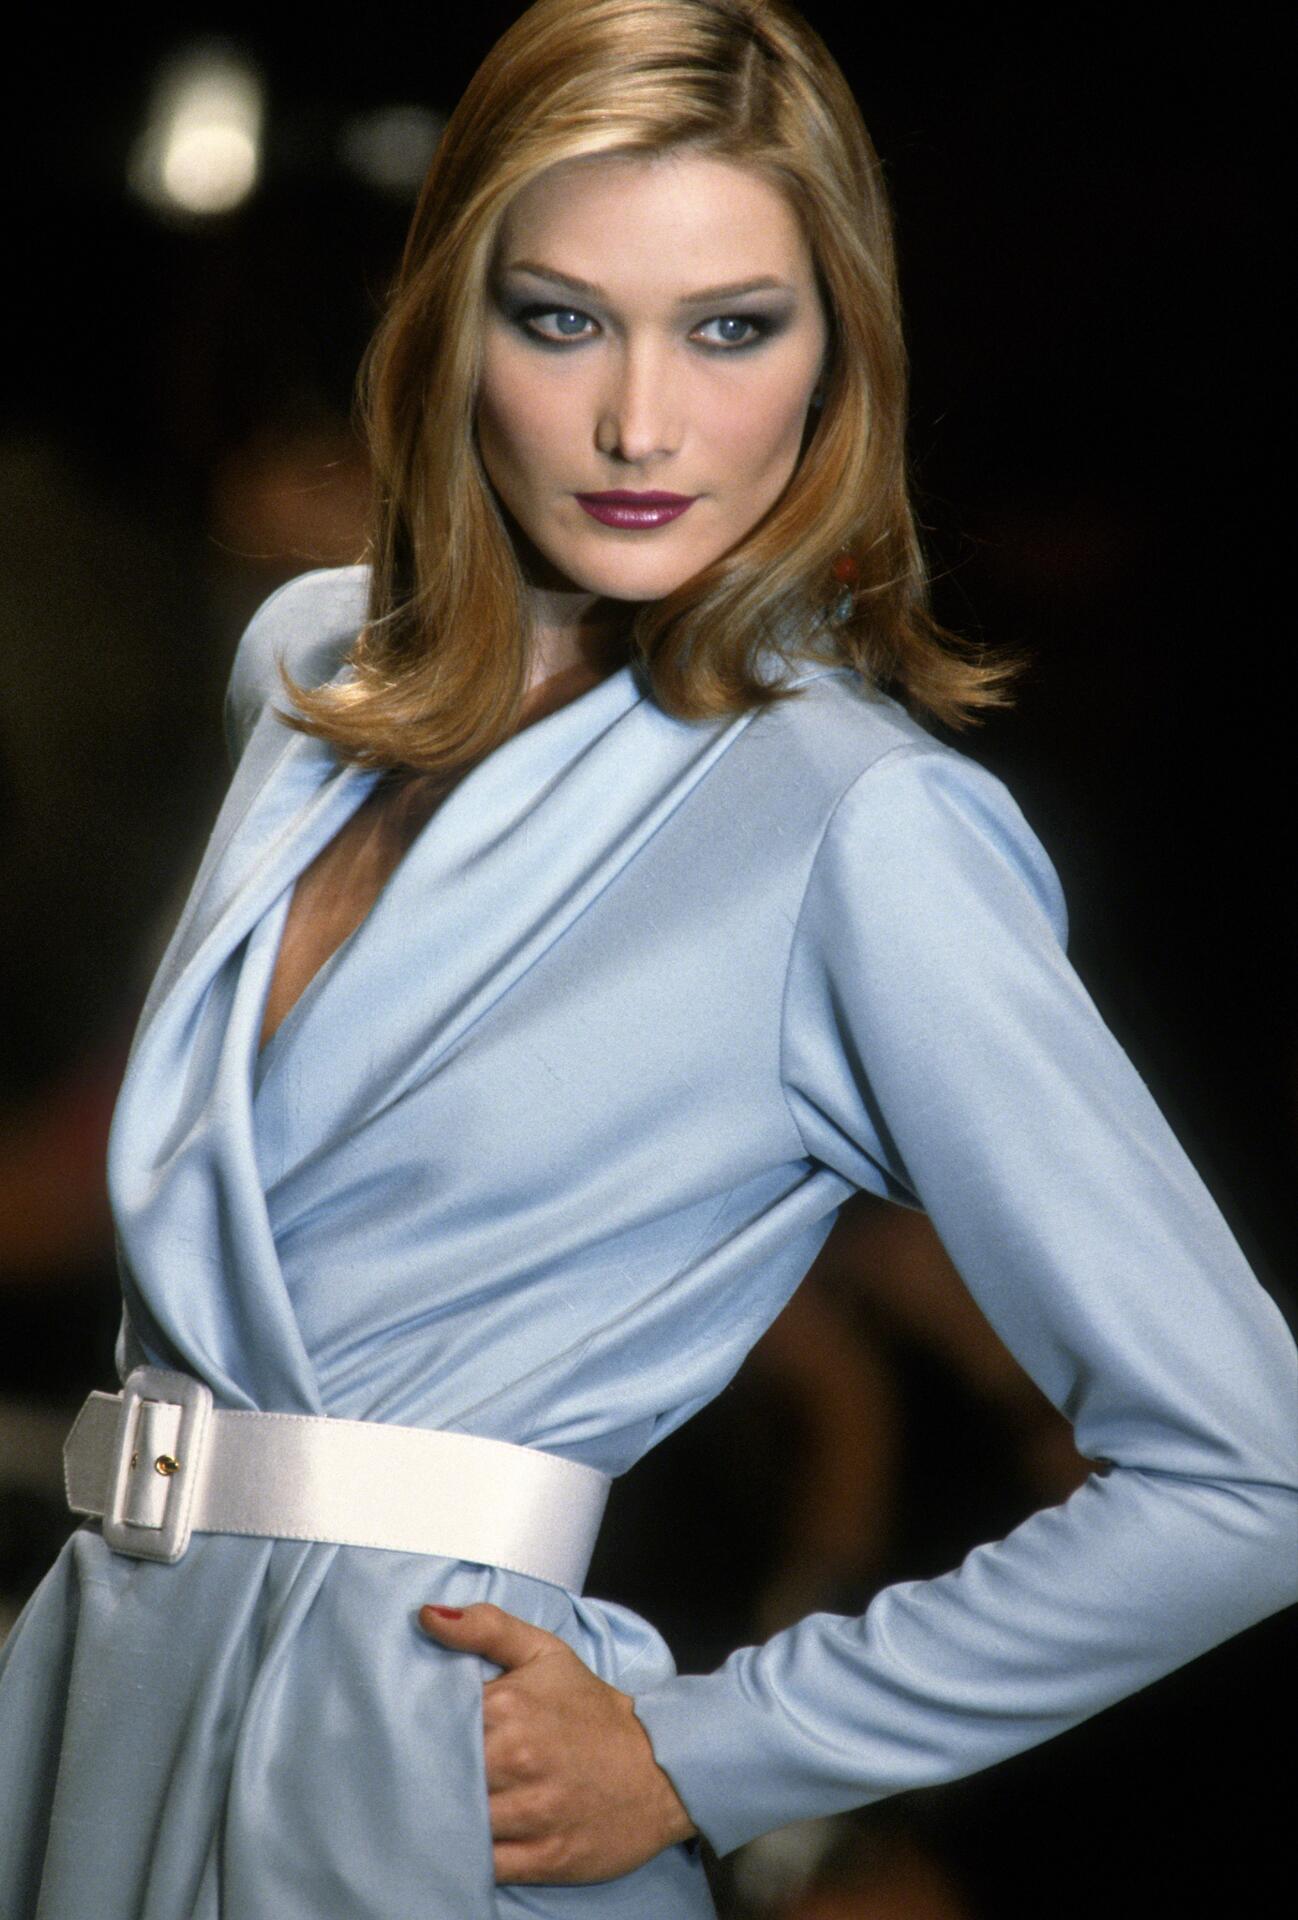 Bild zu Carla Bruni, Model, Kleid, 90er